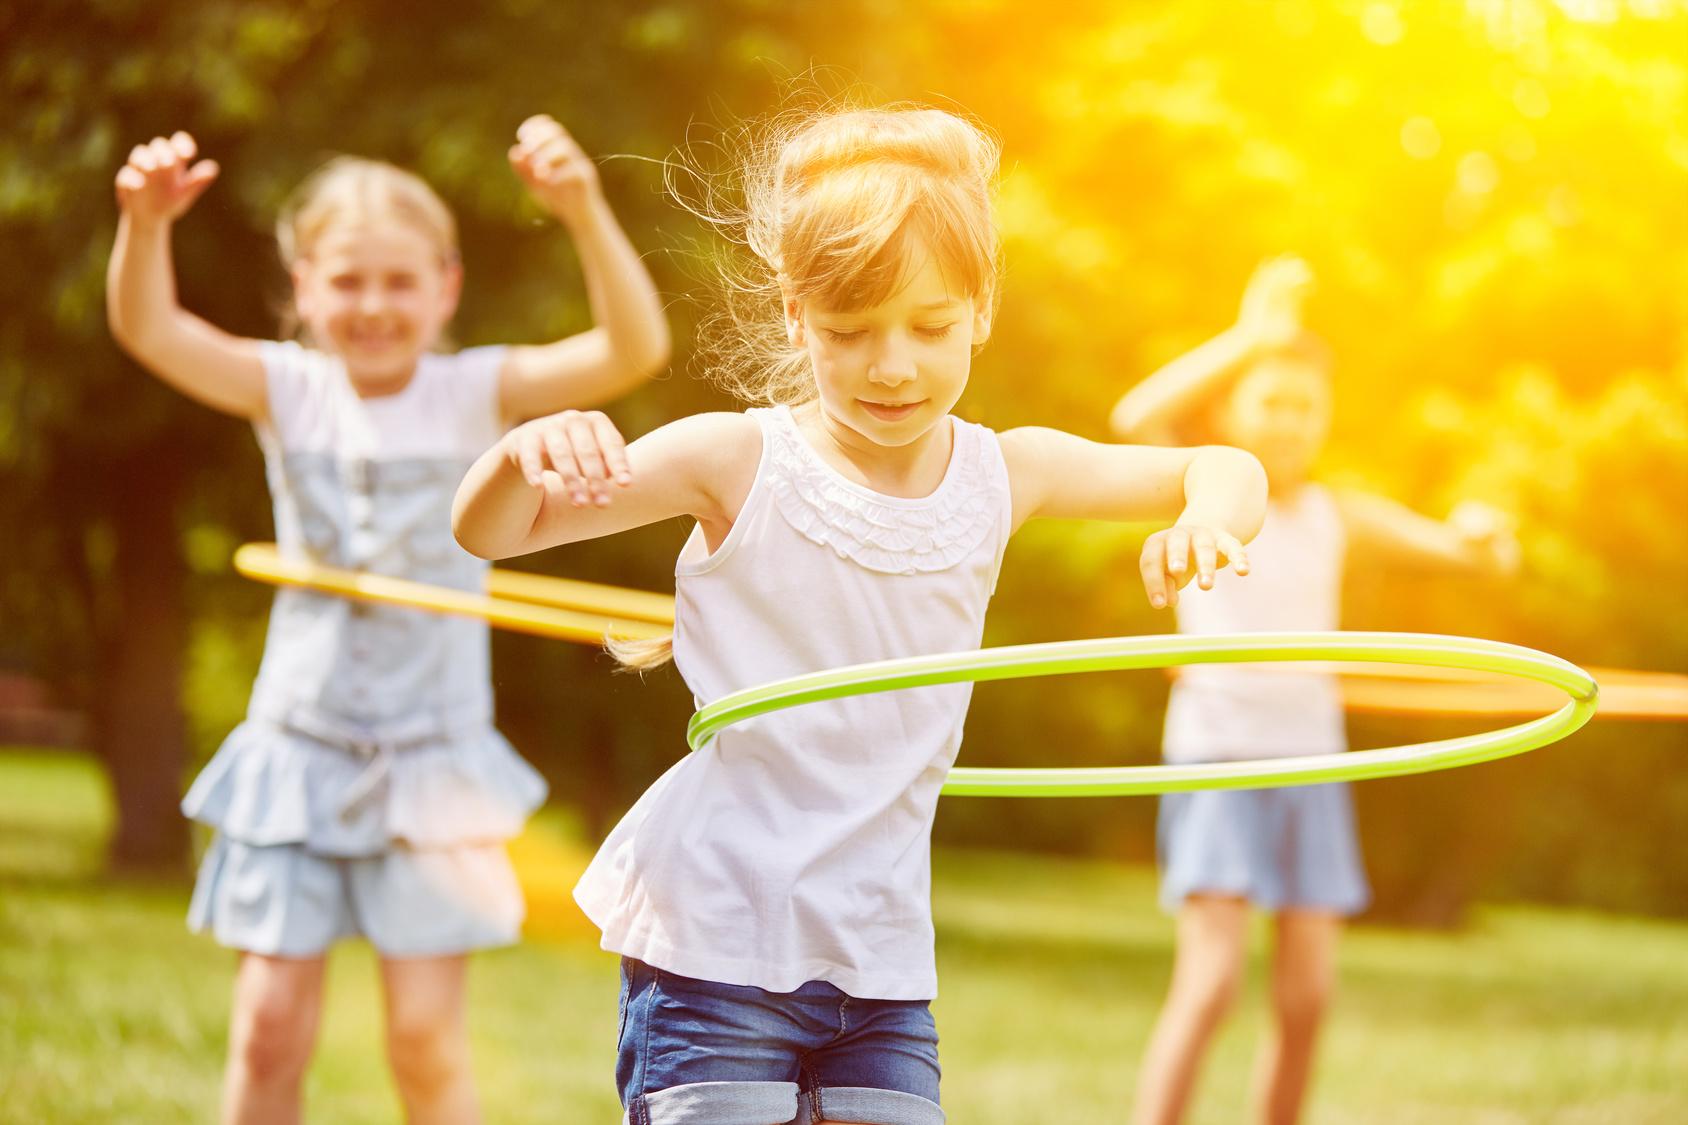 Kinder spielen im Sommer mit Hula-Hoop-Reifen (Foto: fotolia.de © Robert Kneschke)